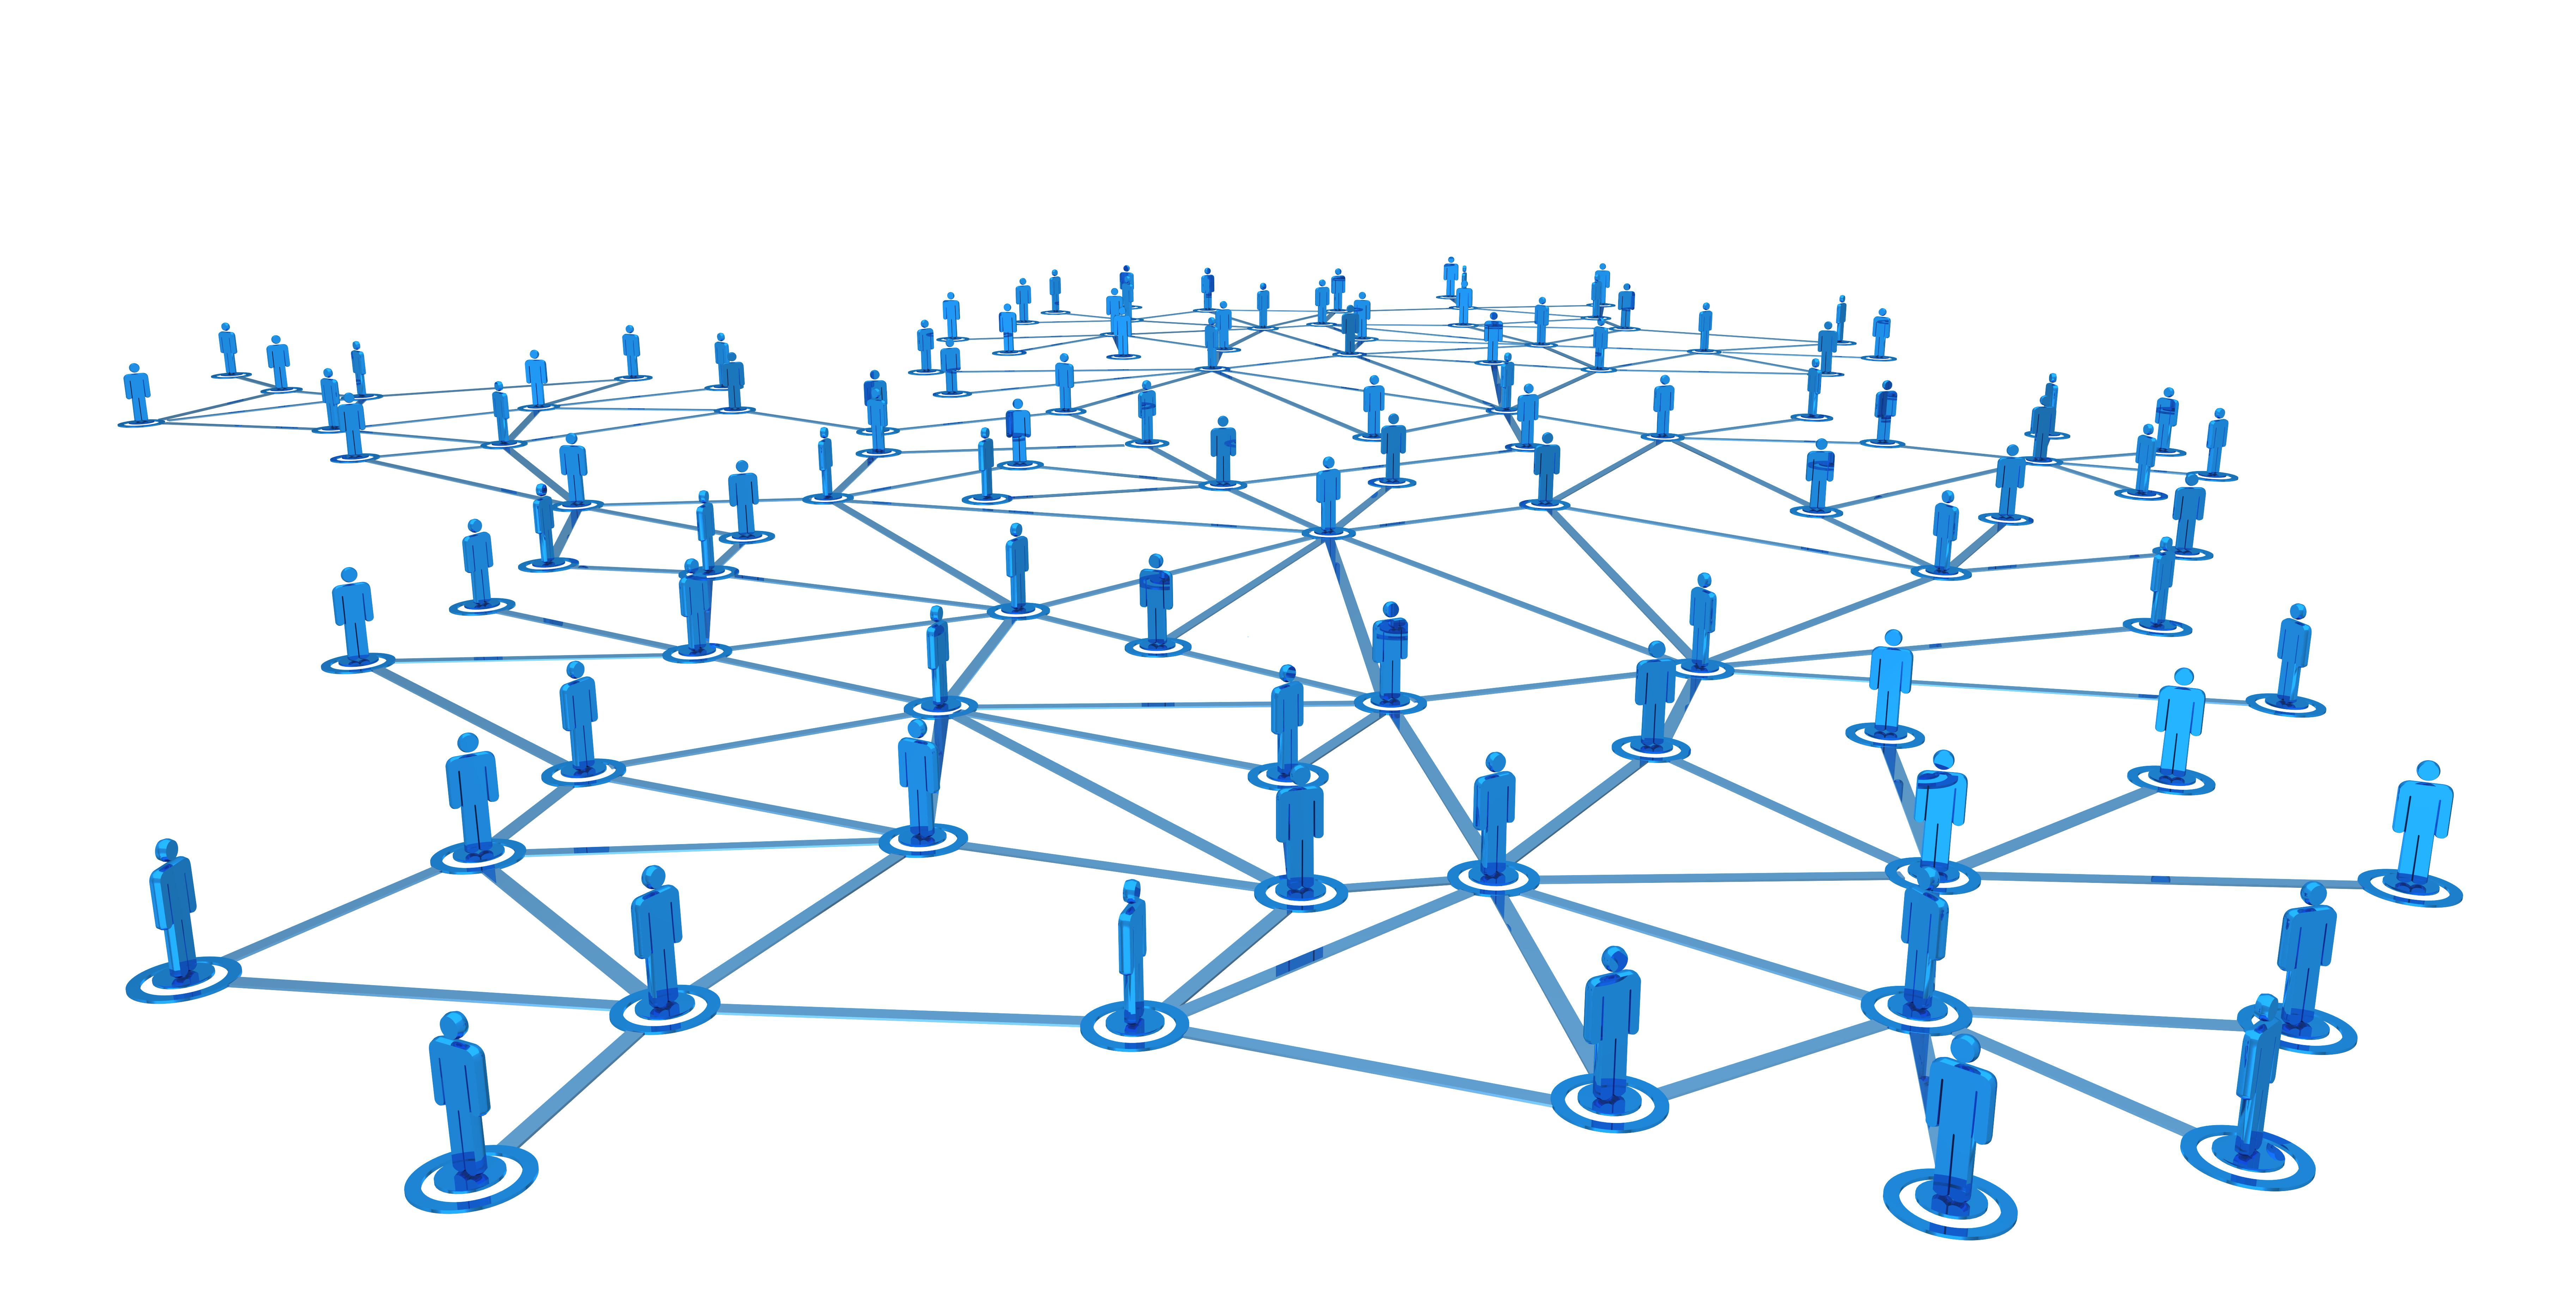 people-network.jpg